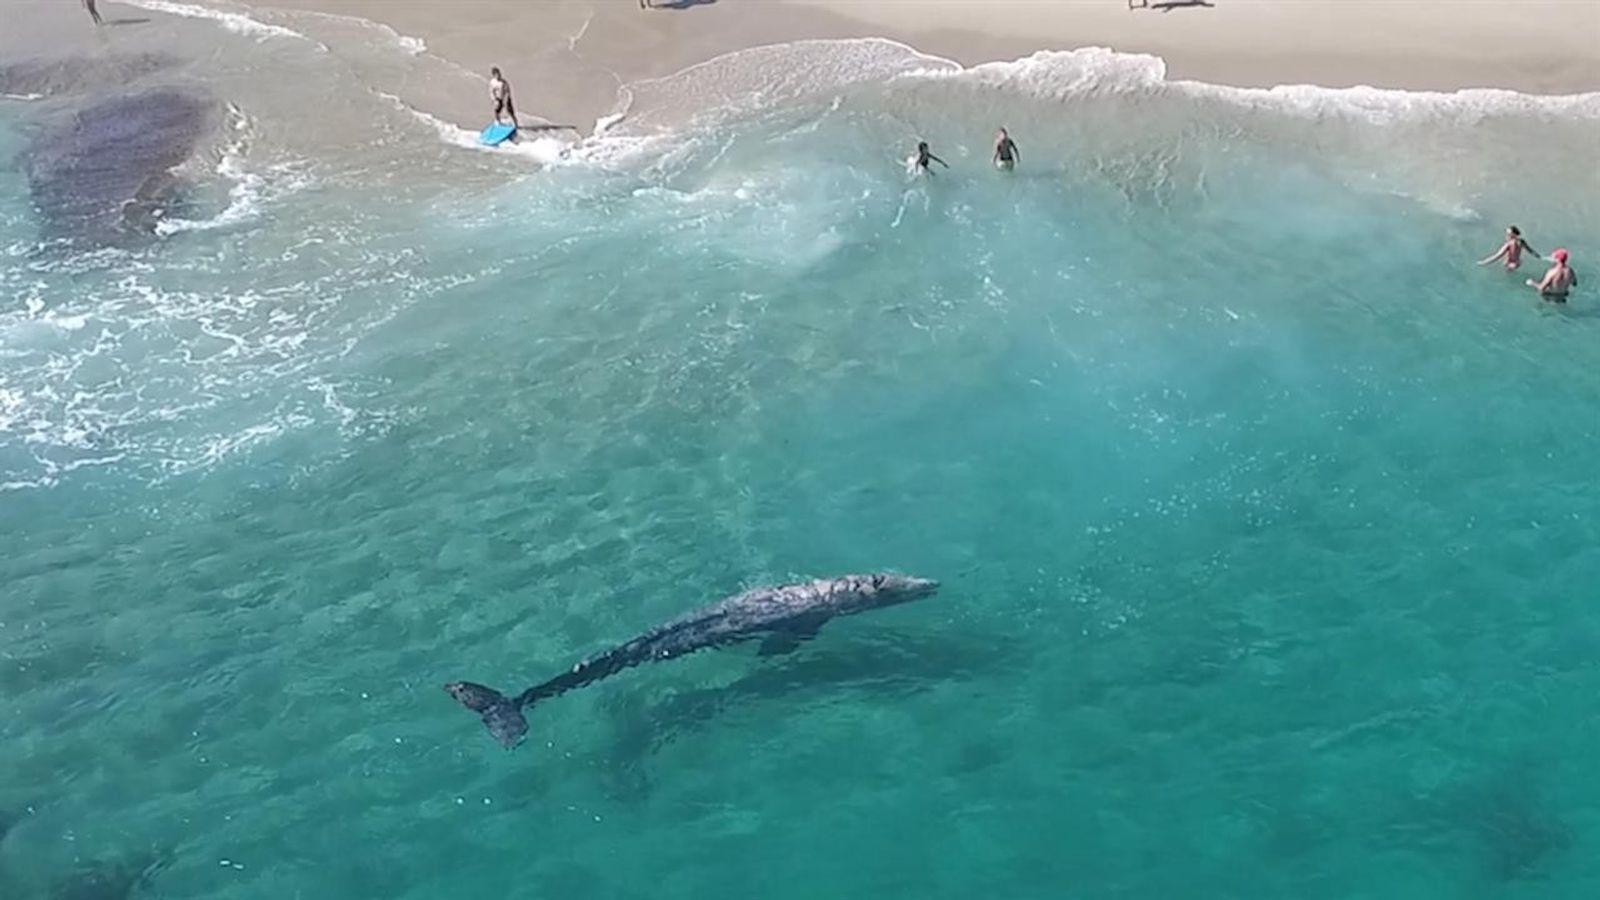 Vidéo : une baleine grise au milieu d'un groupe de nageurs